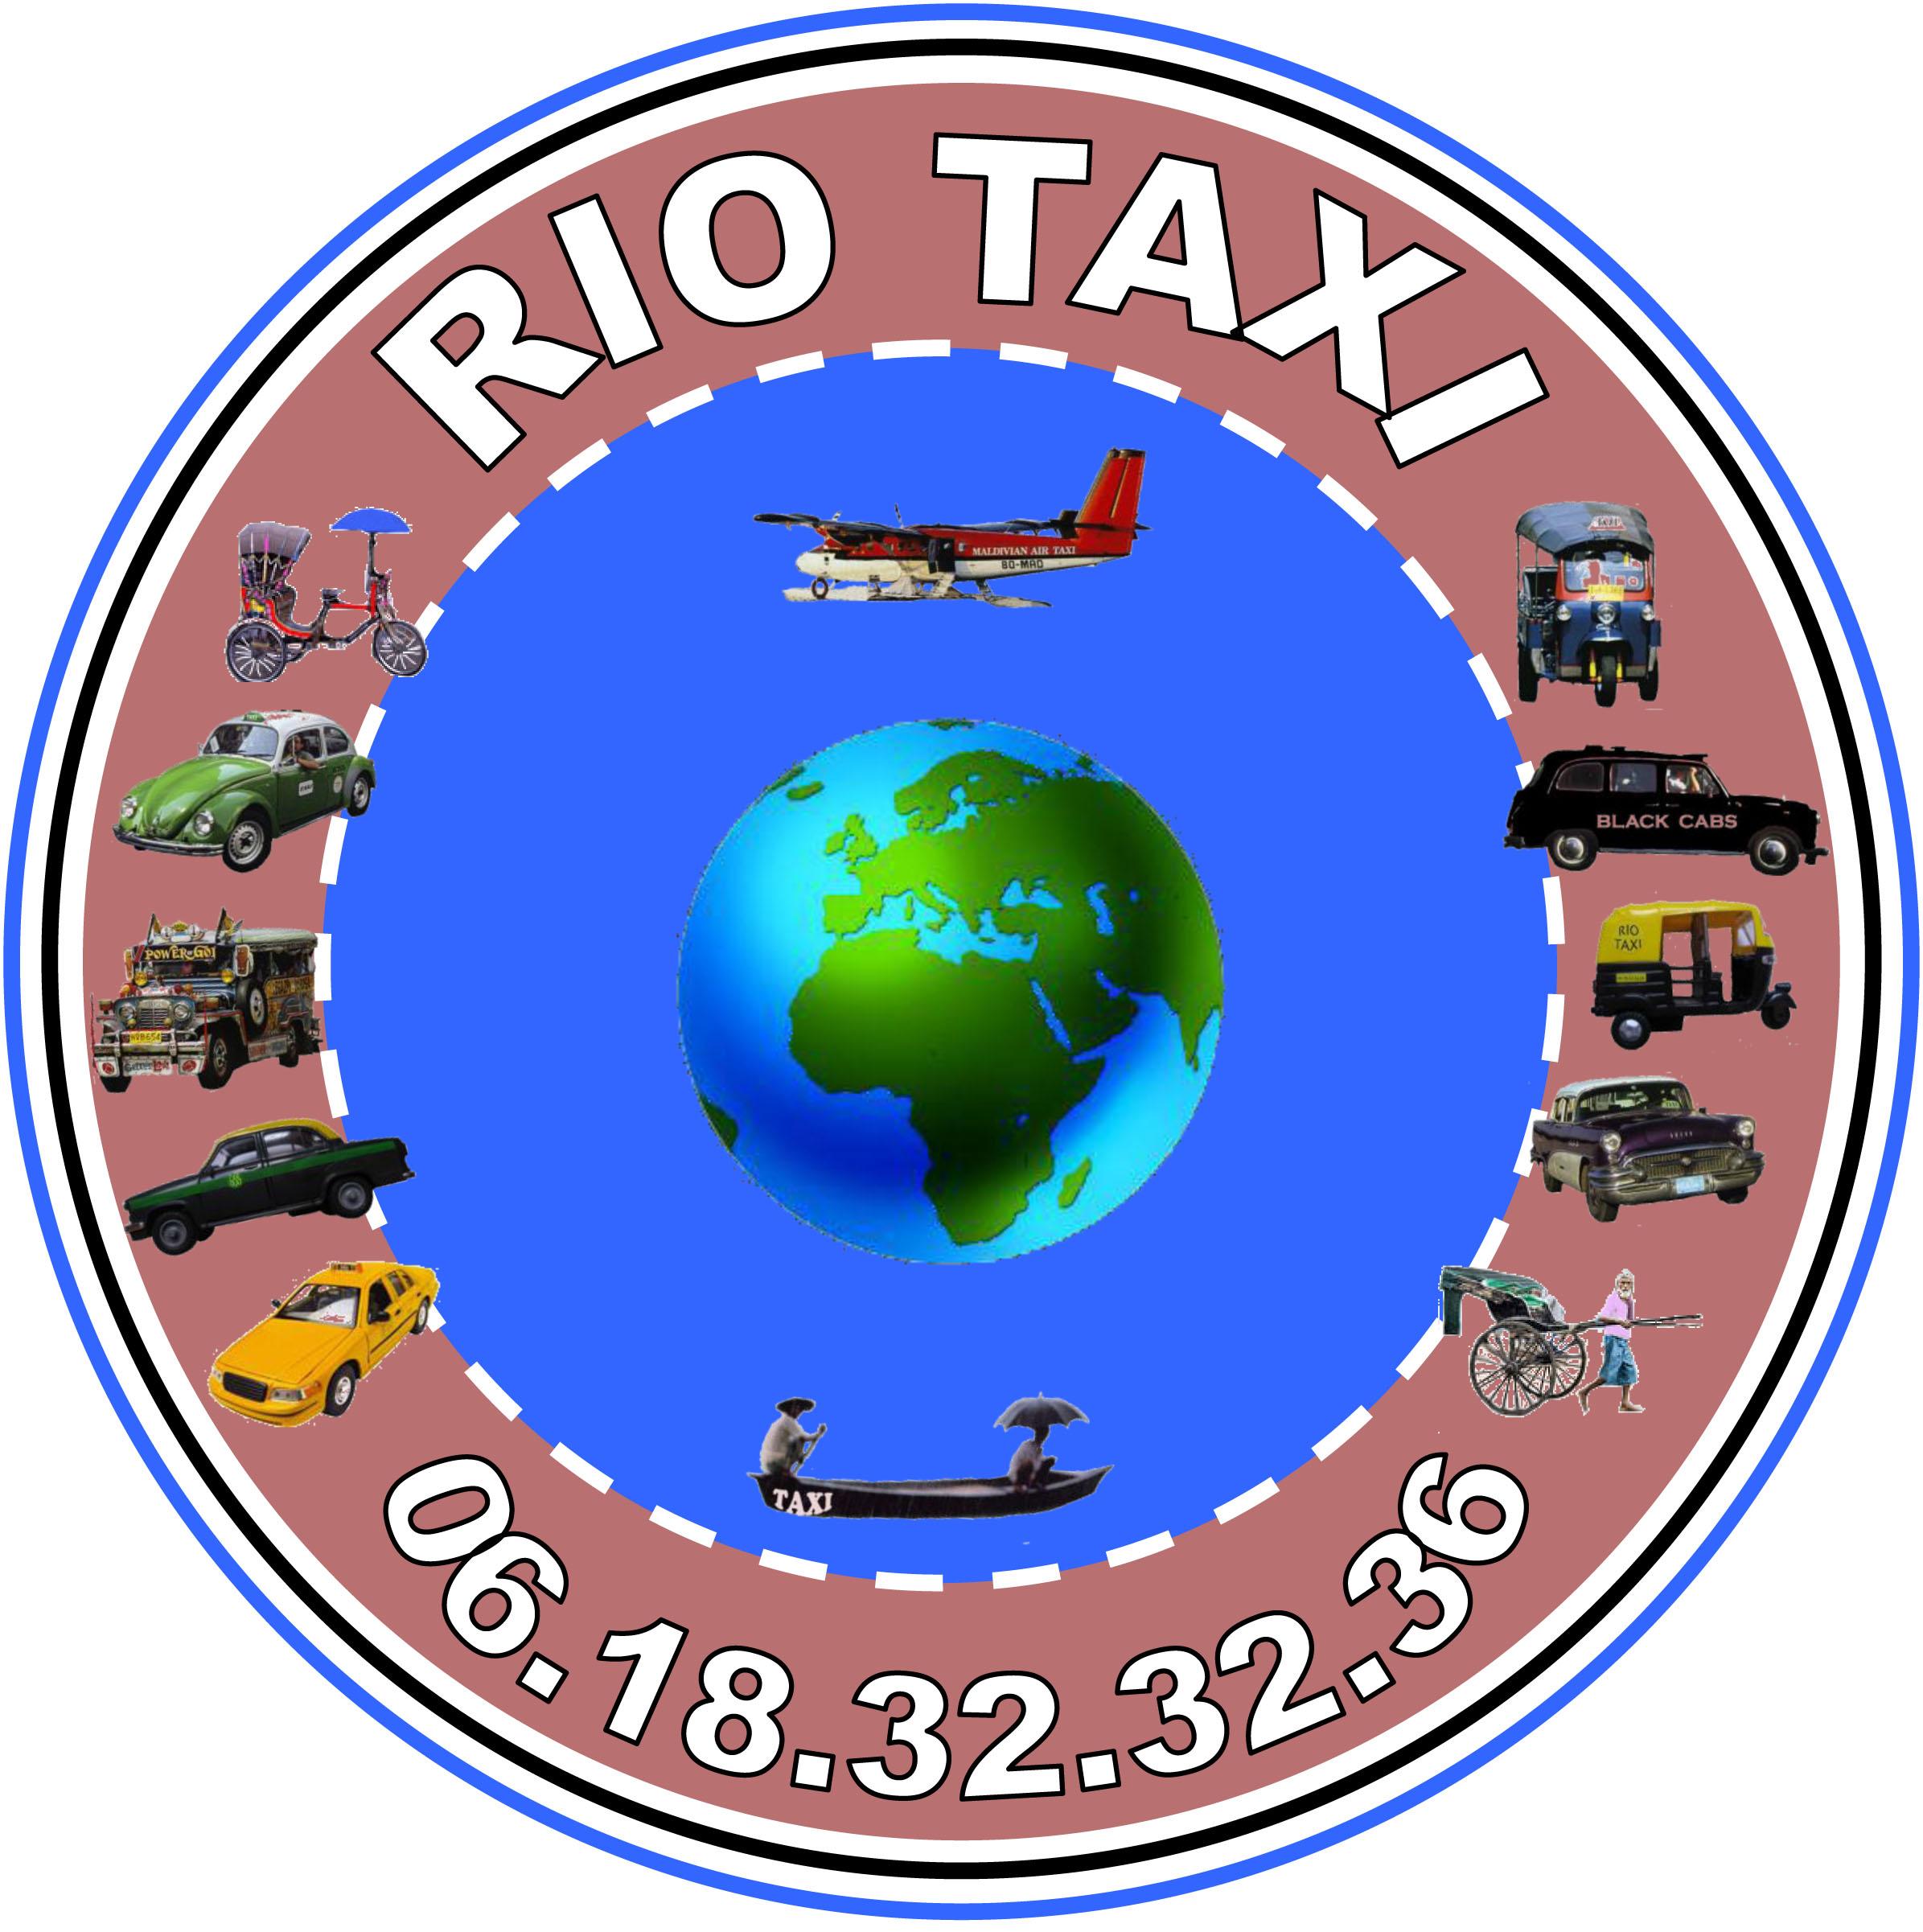 Rio taxi à Saint-Bonnet-le-Froid